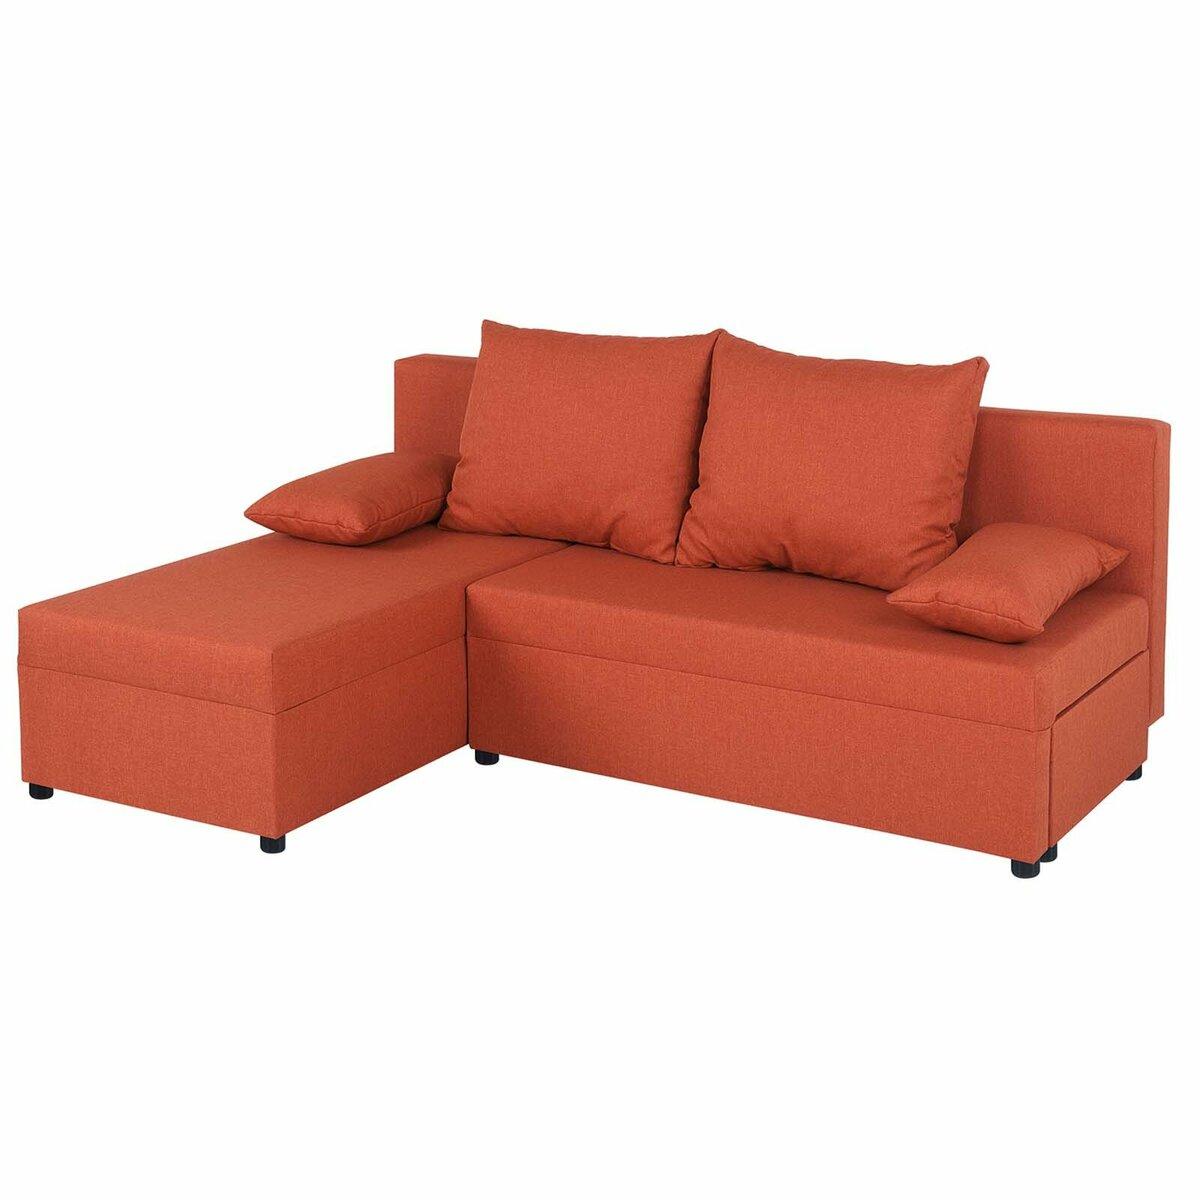 Bild 3 von Ecksofa - orange - Webstoff - mit Liegefunktion